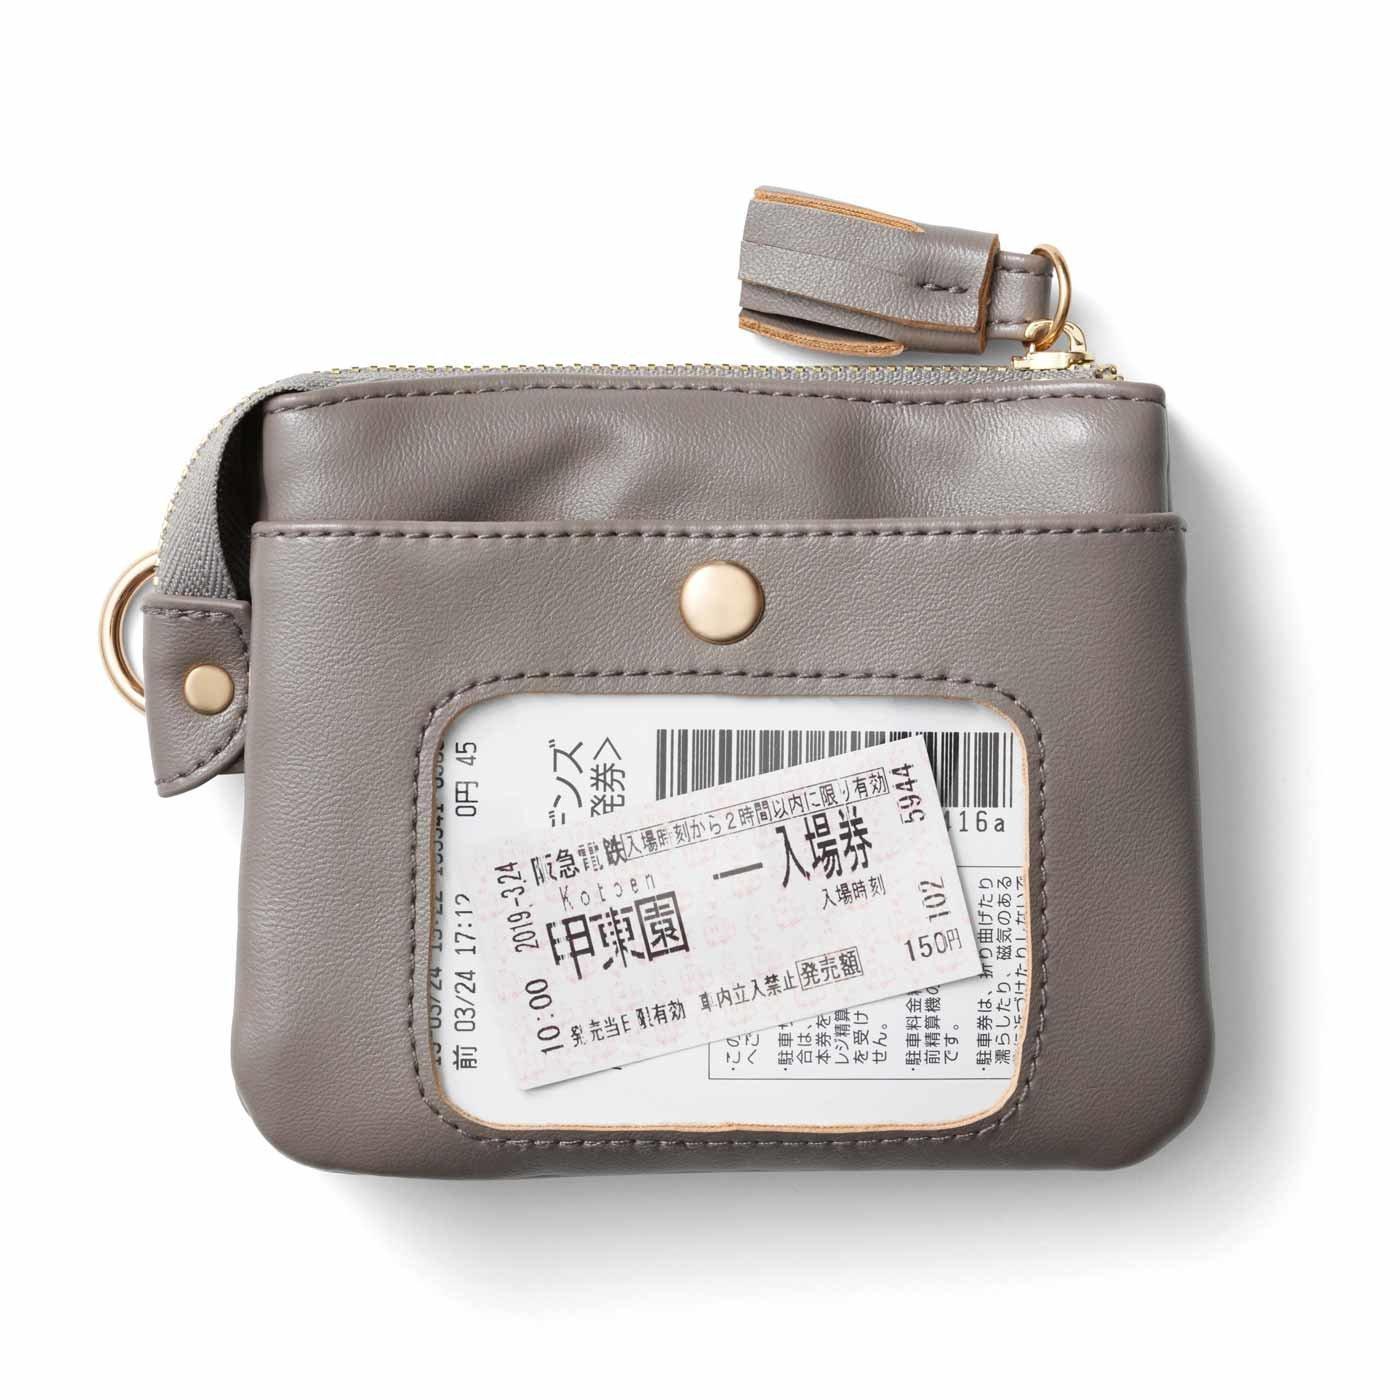 クリアポケットが決め手 エコレザーで作った3層設計ポーチ財布の会